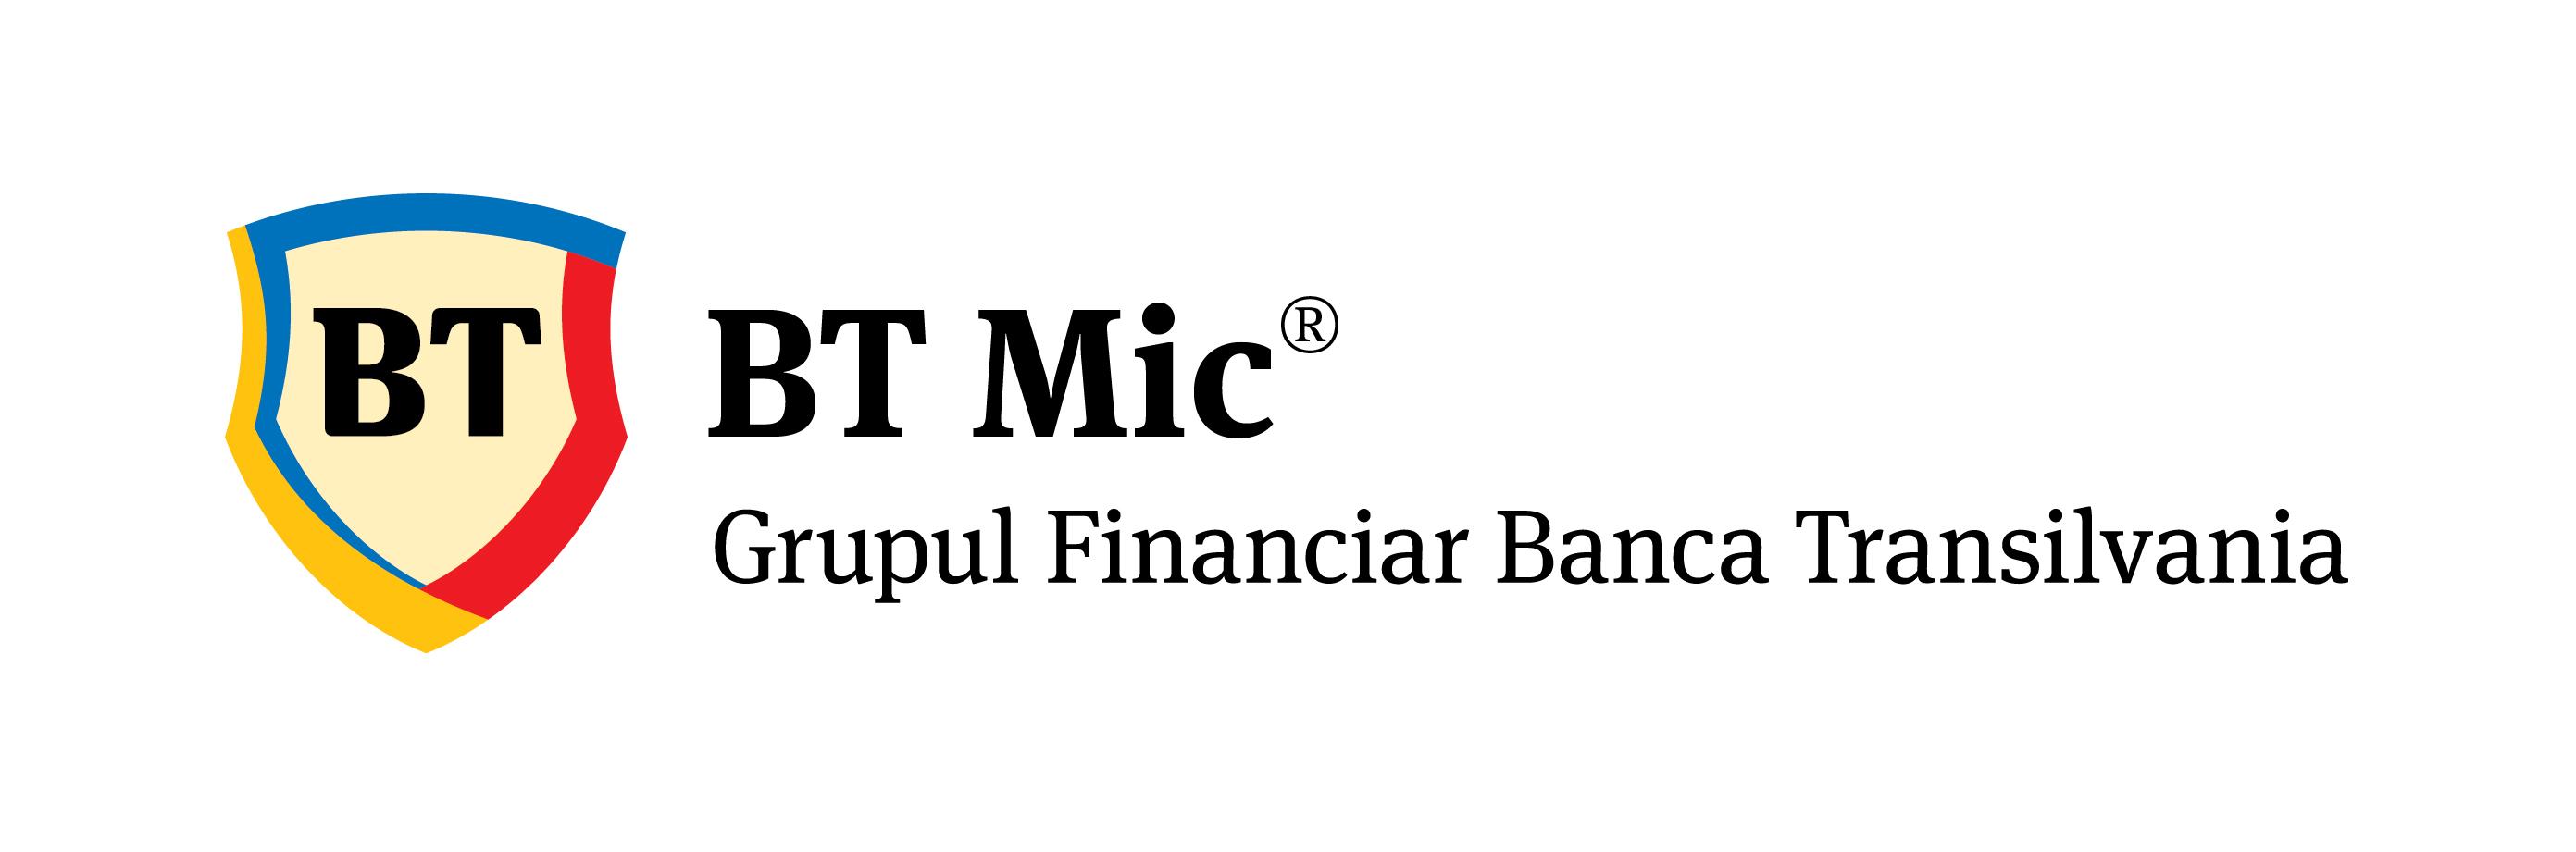 EFSE şi BT Mic oferă finanţare în moneda locală companiilor micro şi mici din România